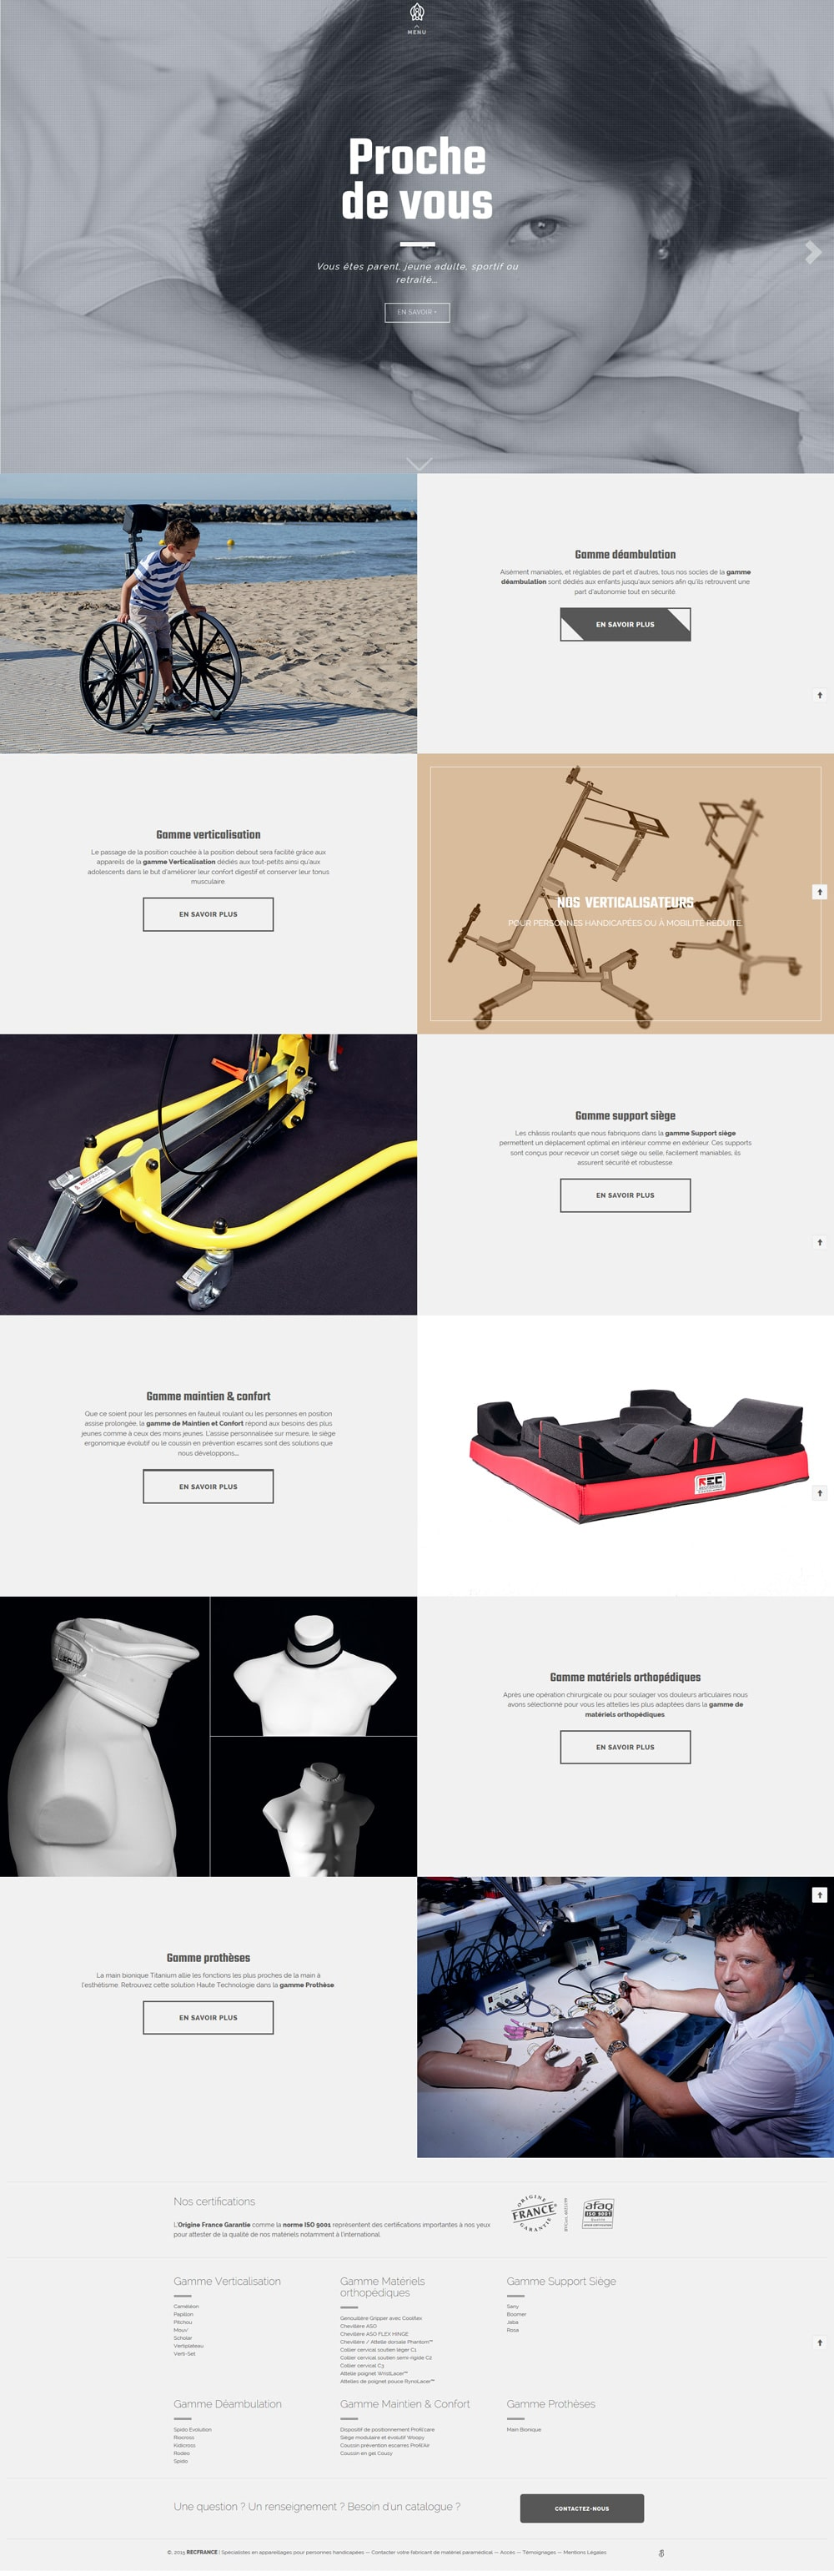 modern webdesign - landing page recfrance.com